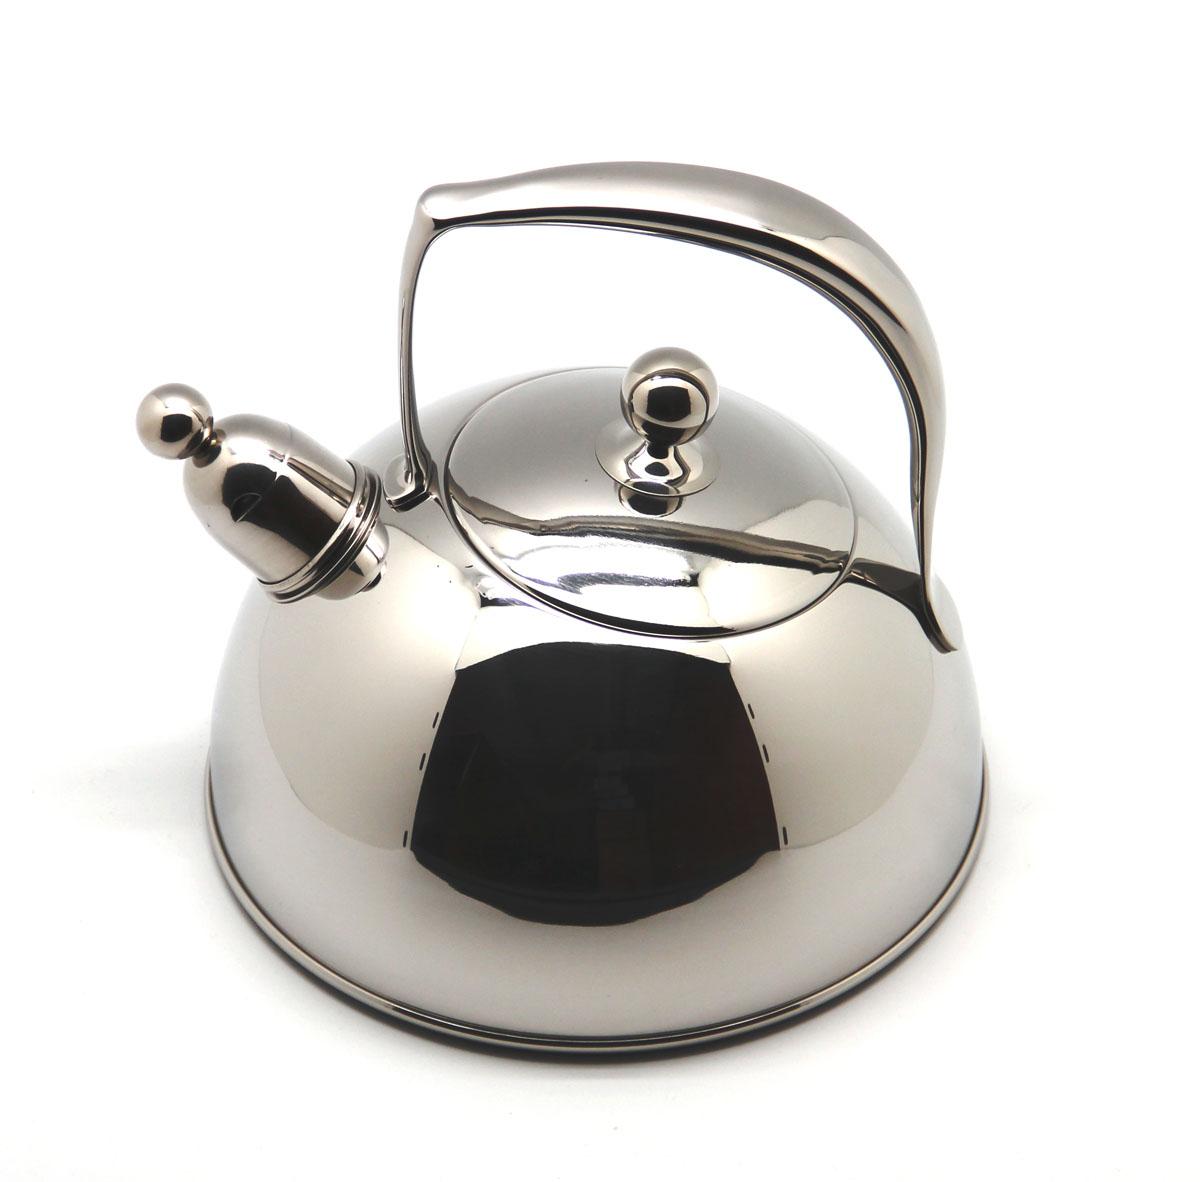 Чайник Silampos Жасмин со свистком, 2 л411307302620Чайник Silampos Жасмин изготовлен из высококачественной нержавеющей стали. Этот материал обладает высокой стойкостью к коррозии и кислотам. Прочность, долговечность и надежность этого материала, а также первоклассная обработка обеспечивают практически неограниченный запас прочности и неизменно привлекательный внешний вид. Чайник оснащен ручкой удобной формы. Благодаря широкому верхнему отверстию, в чайник удобно заливать воду и прочищать его изнутри. Носик чайника имеет свисток, оповещающий о закипании воды. Можно использовать на газовых, электрических, галогенных, стеклокерамических, индукционных плитах. Не рекомендуется мыть в посудомоечной машине.